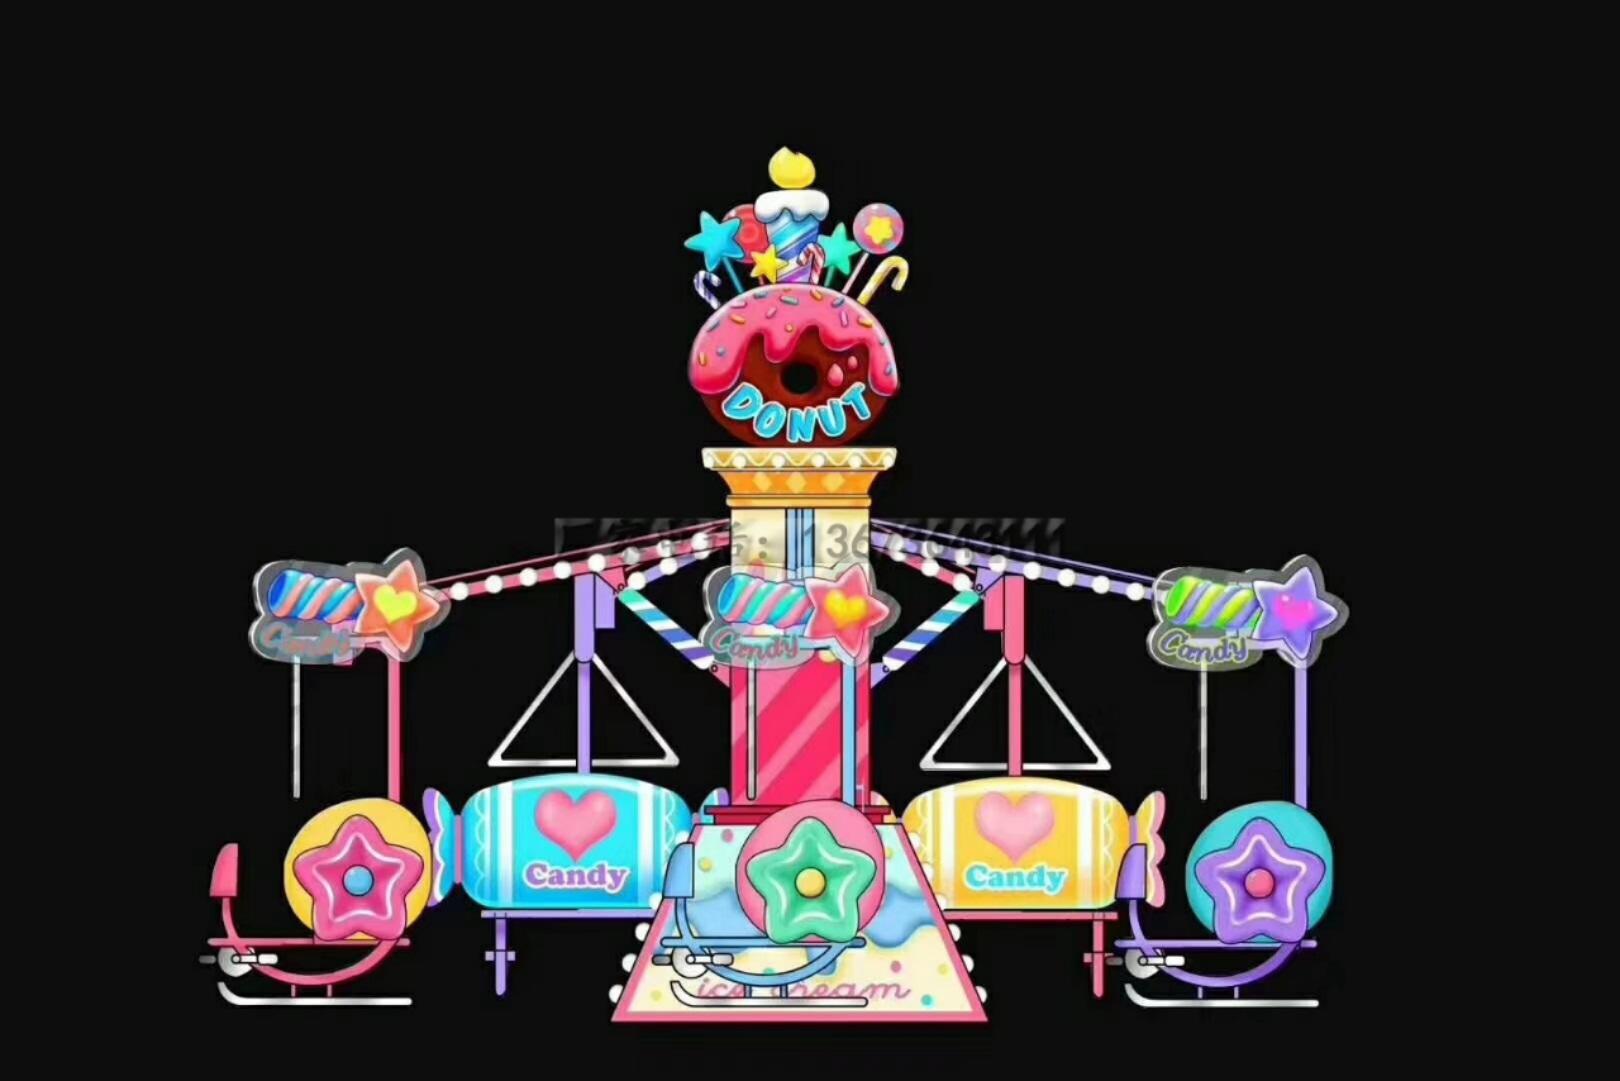 销售火爆广场游乐设备逍遥车 新型游乐逍遥车乐吧车大洋供应商示例图30